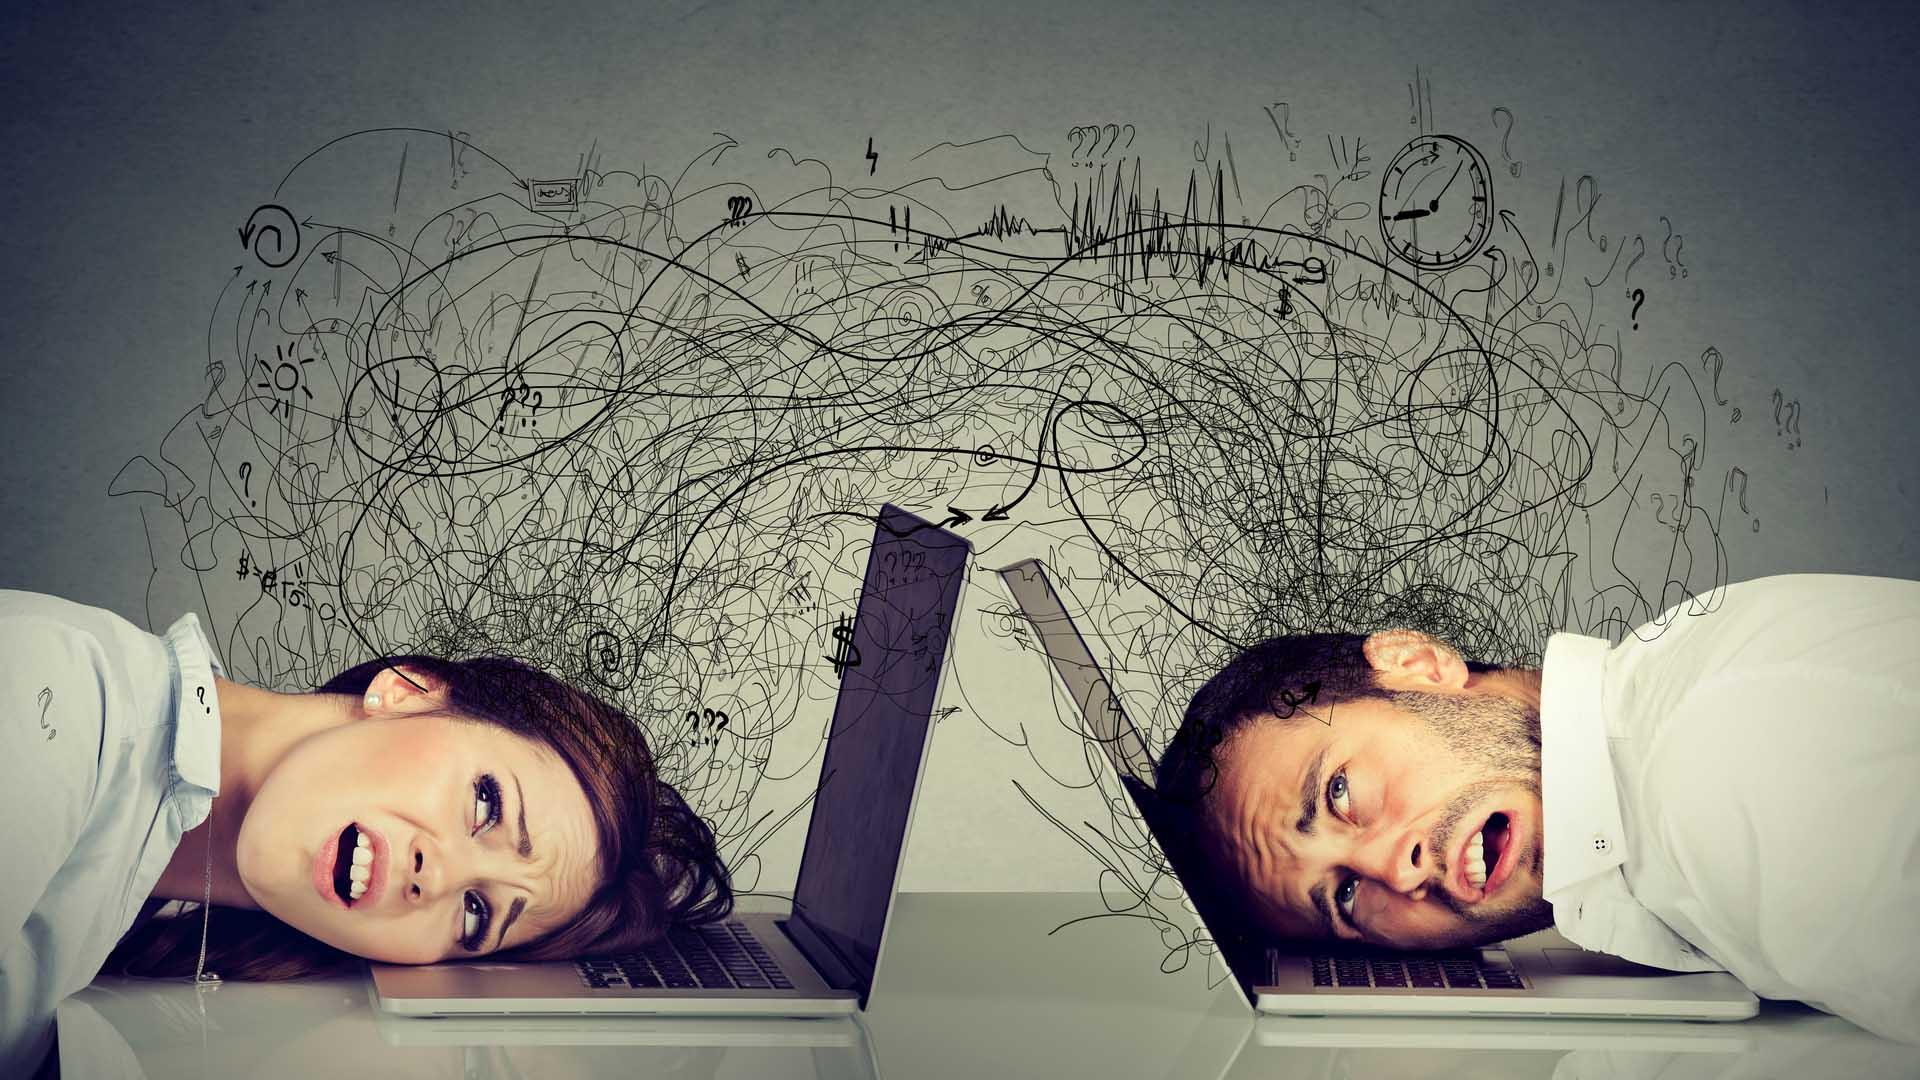 Il technostress cresce col remote working: troppe informazioni da gestire